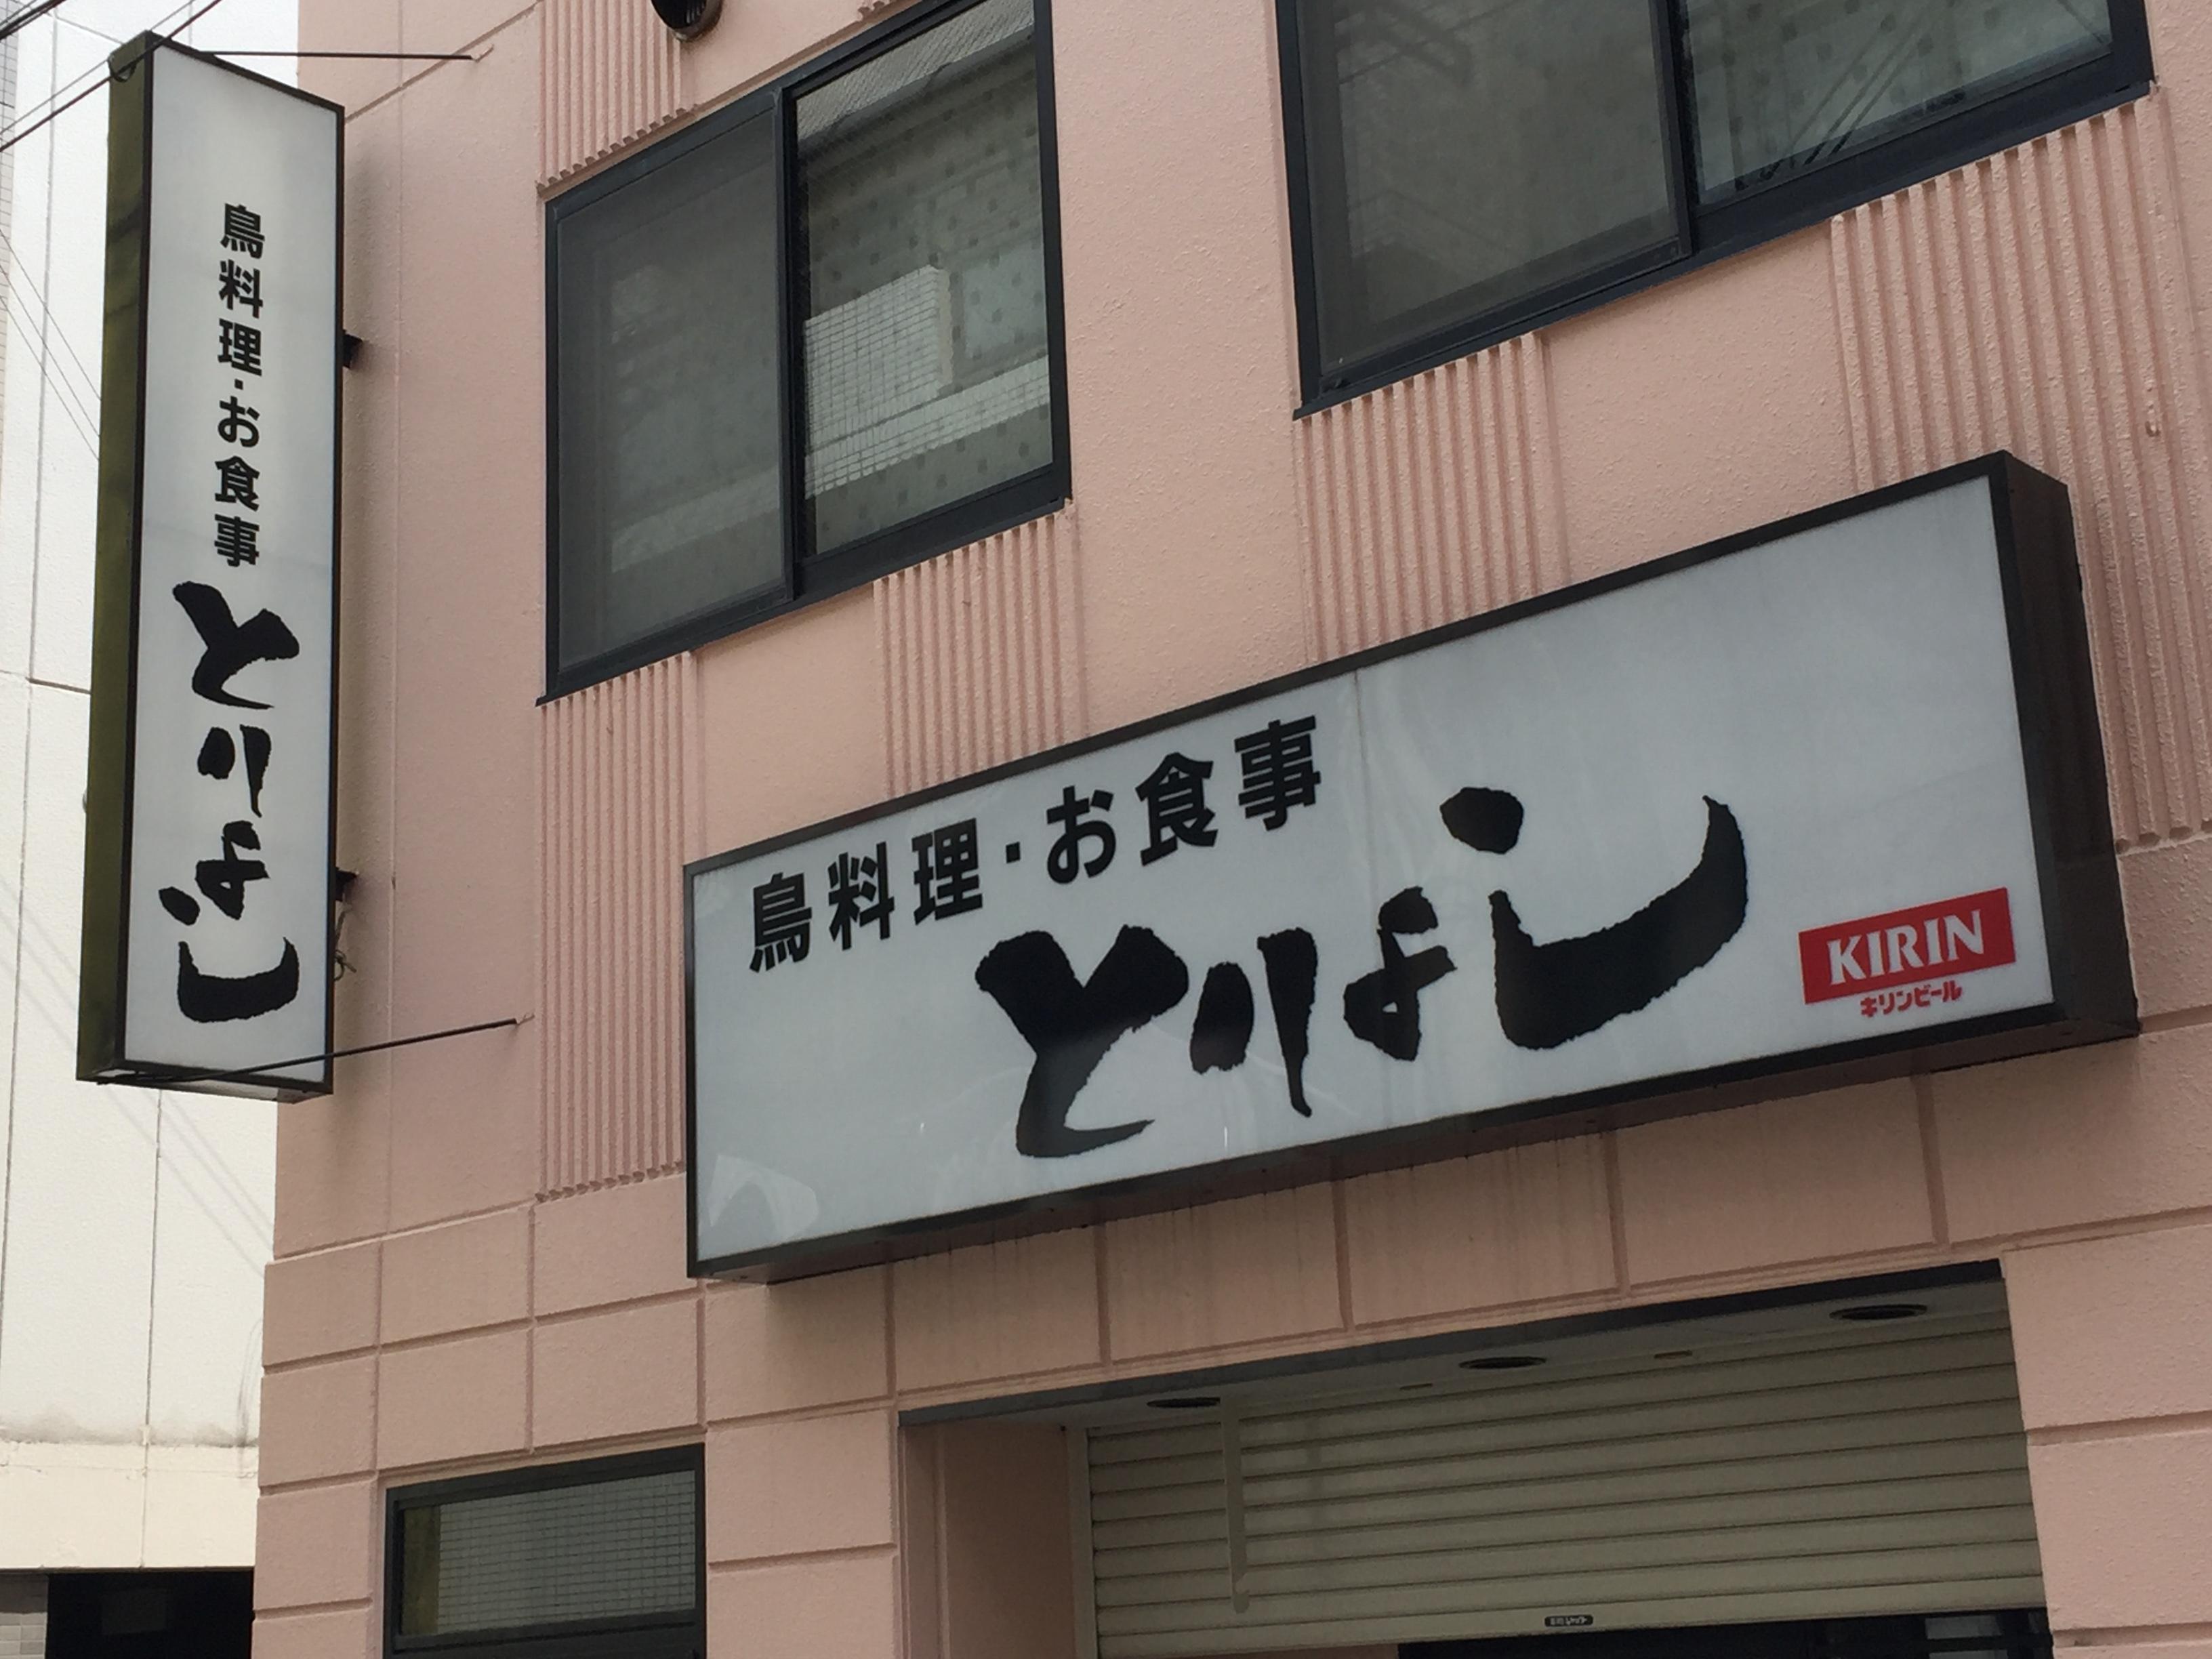 神戸・甲南本通商店街の鳥料理「とりよし」が3/26で閉店したよ【閉店のお知らせ】